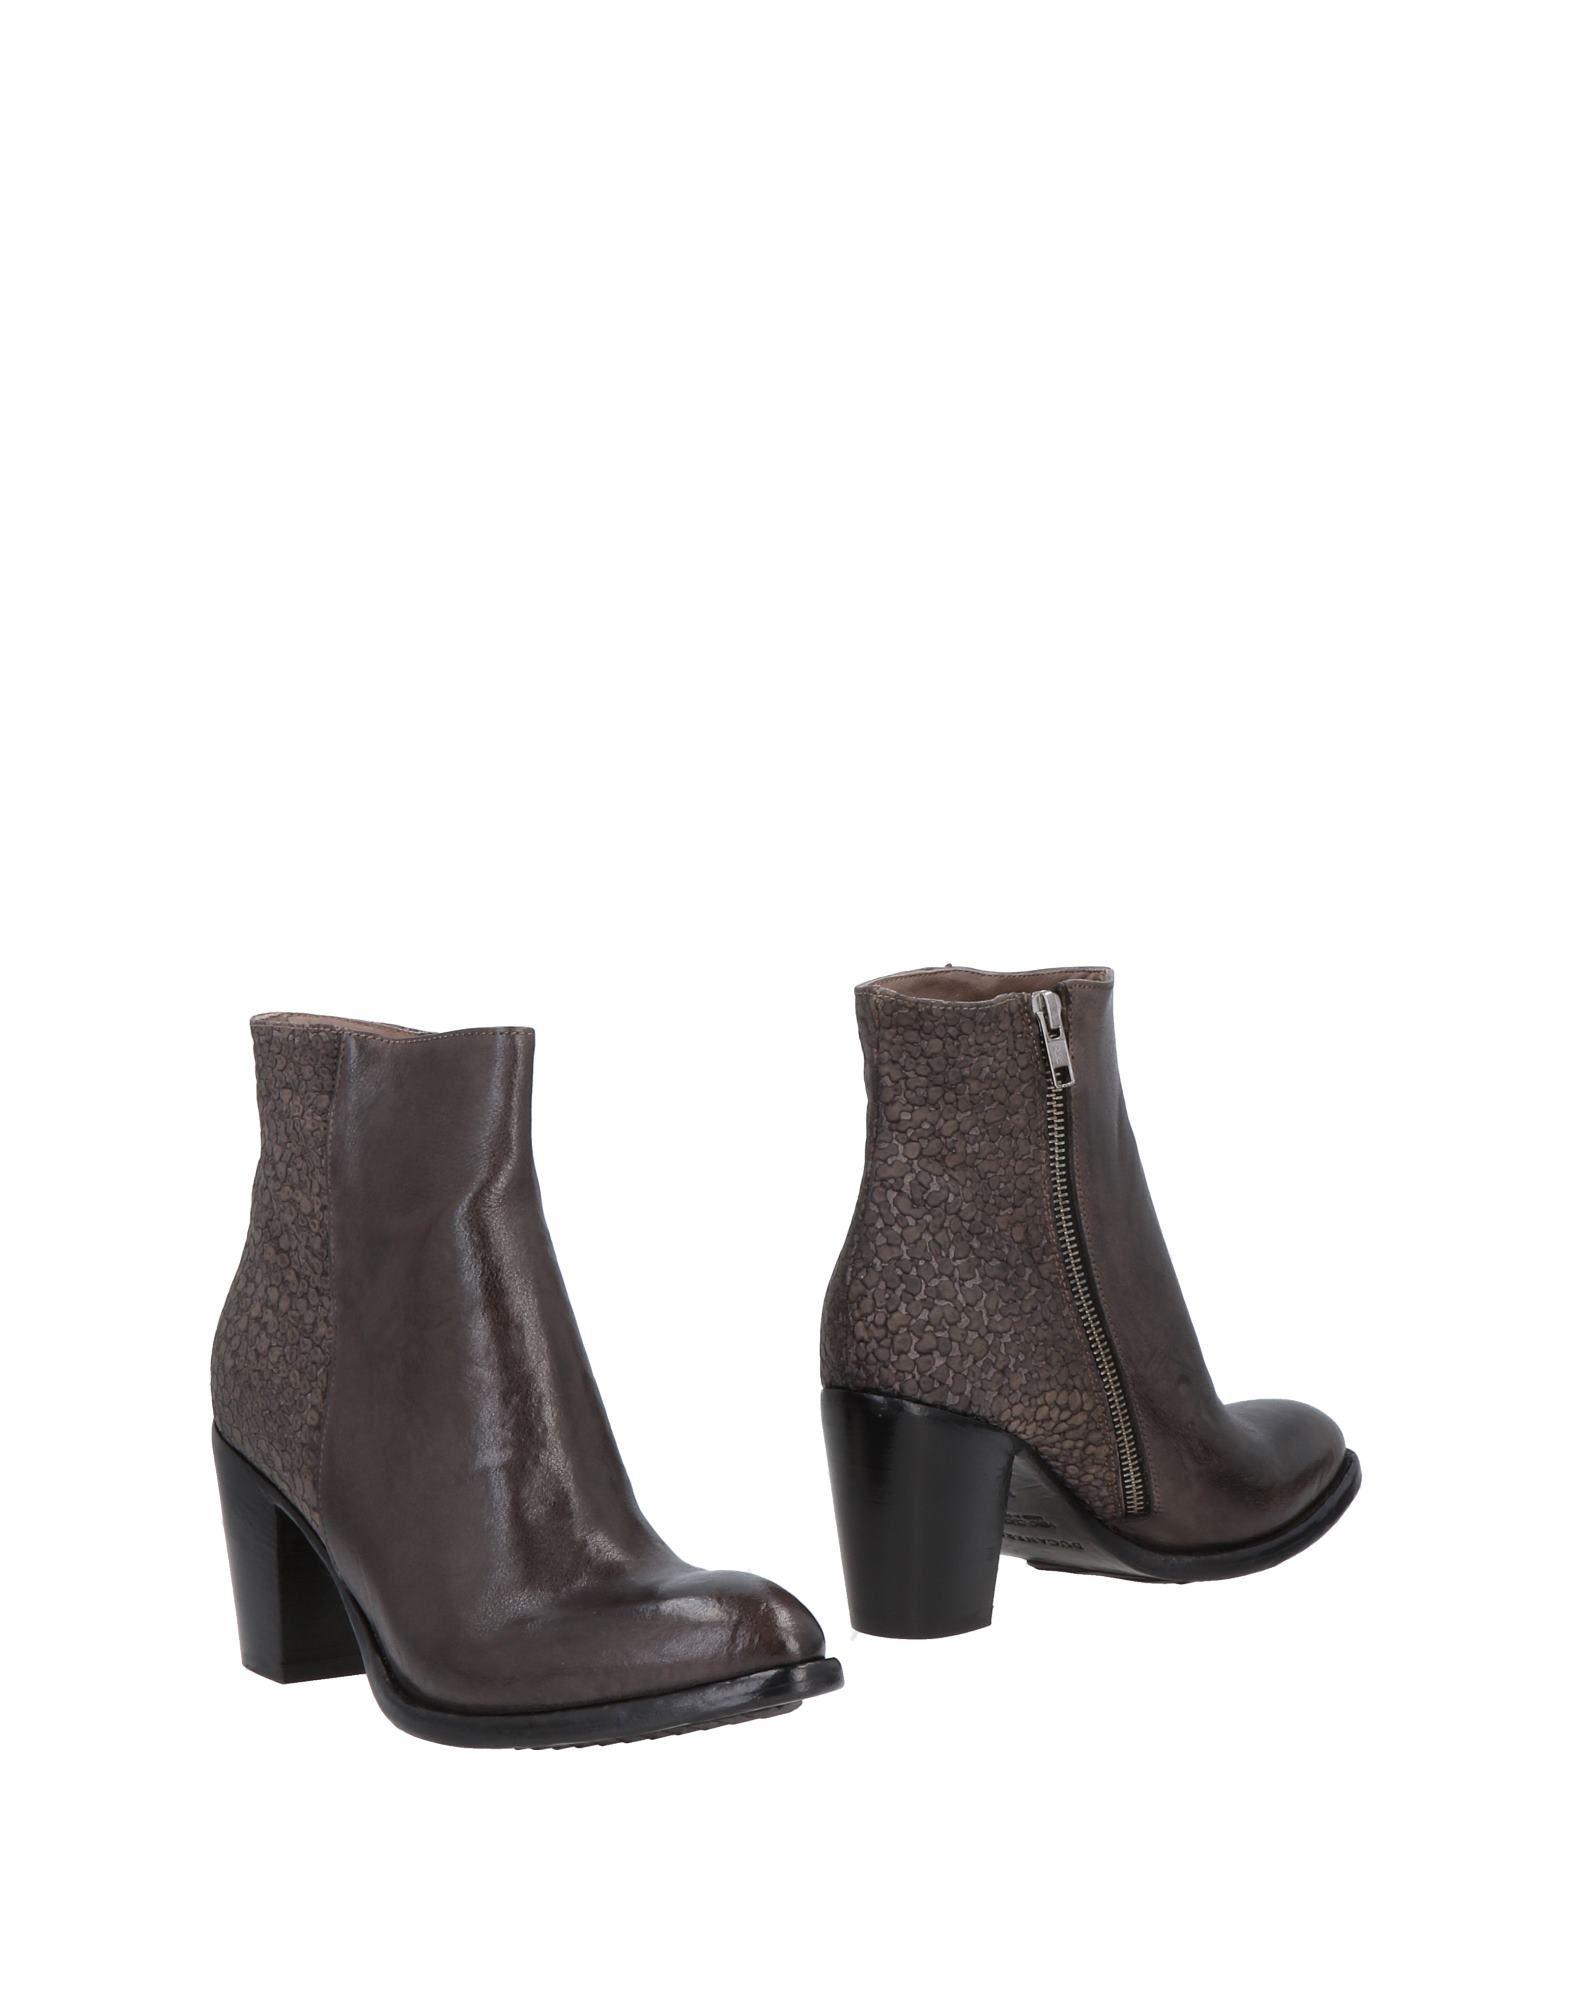 Bottine Ducanero Femme - Bottines Ducanero Moka Nouvelles chaussures pour hommes et femmes, remise limitée dans le temps